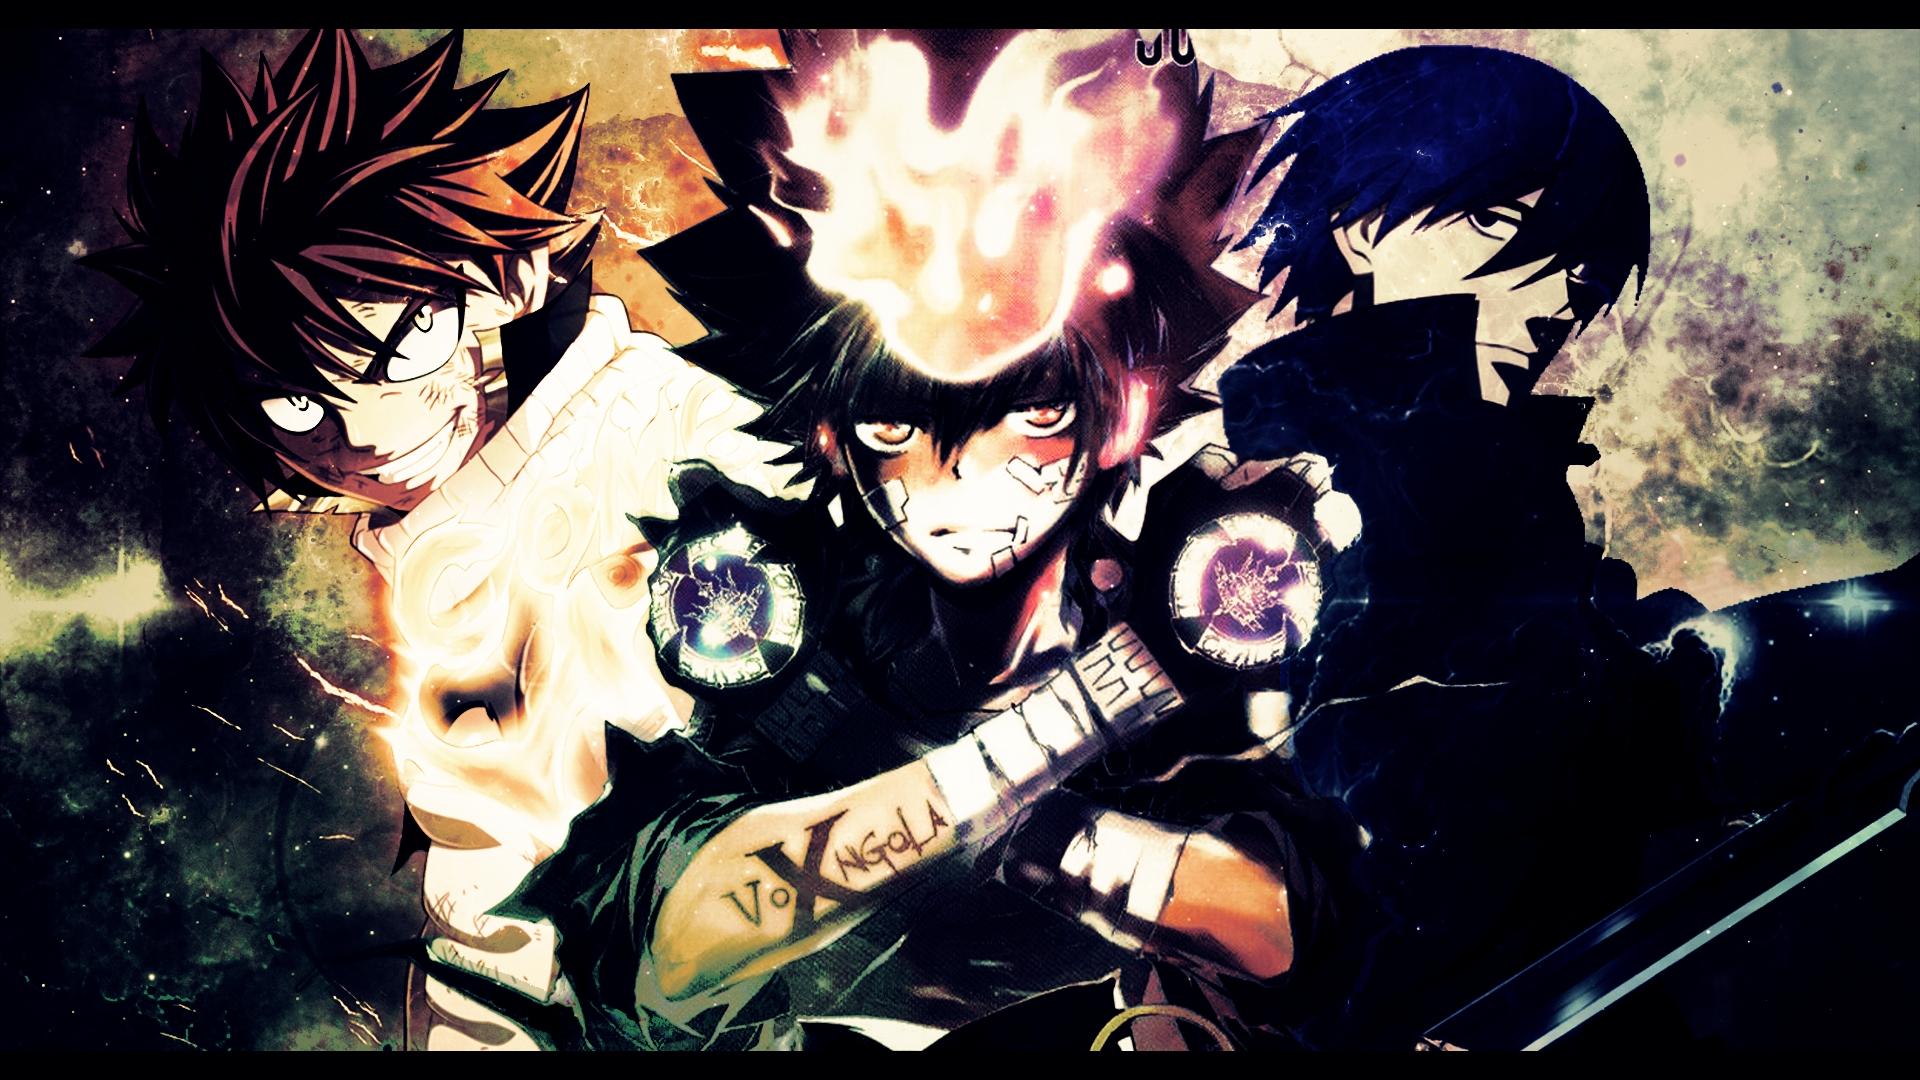 Best Anime Picture Wallpaper Wallpaper WallpaperLepi 1920x1080